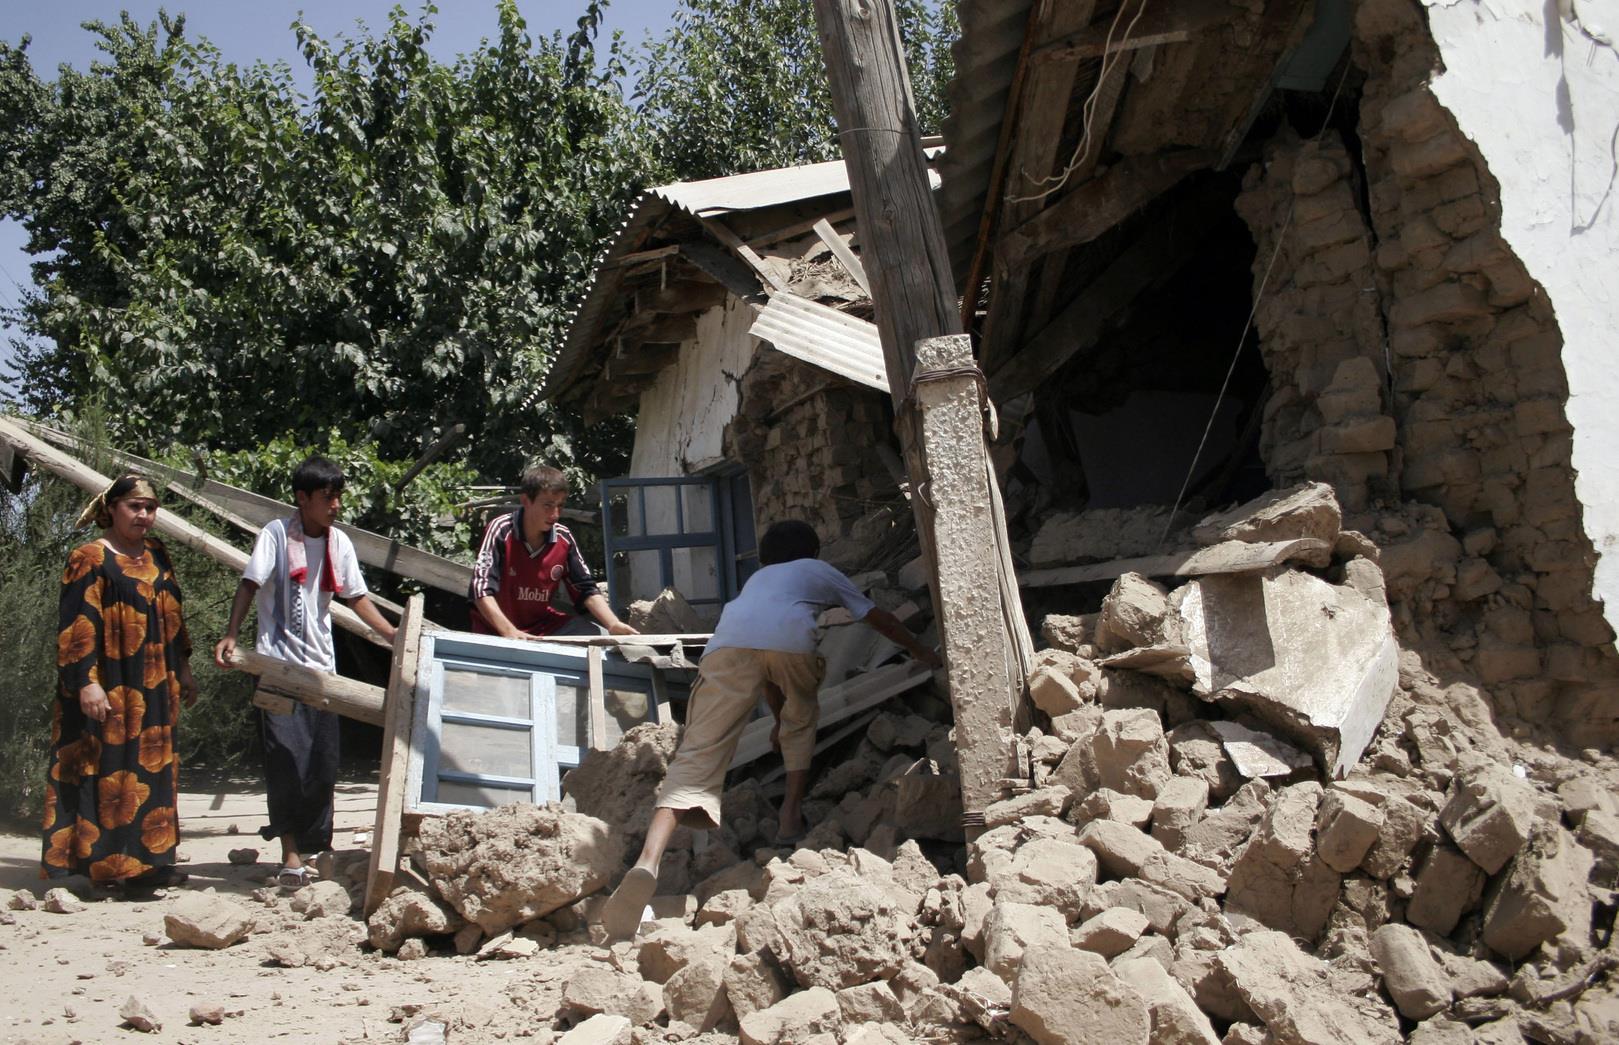 مصرع خمسة أشخاص في زلزال ضرب شرق طاجيكستان